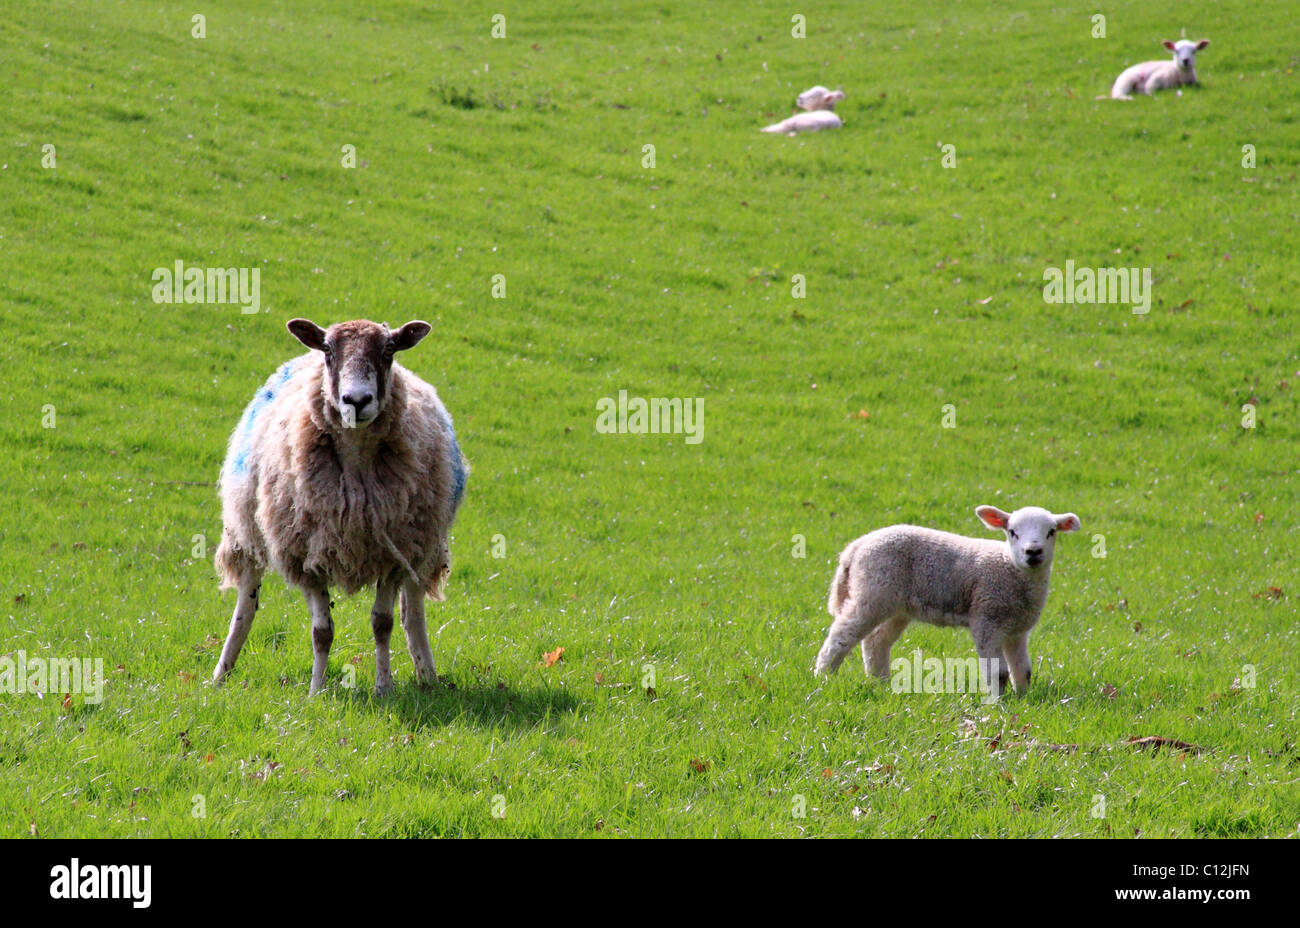 Ewe and Lamb, Shropshire, England, Europe - Stock Image